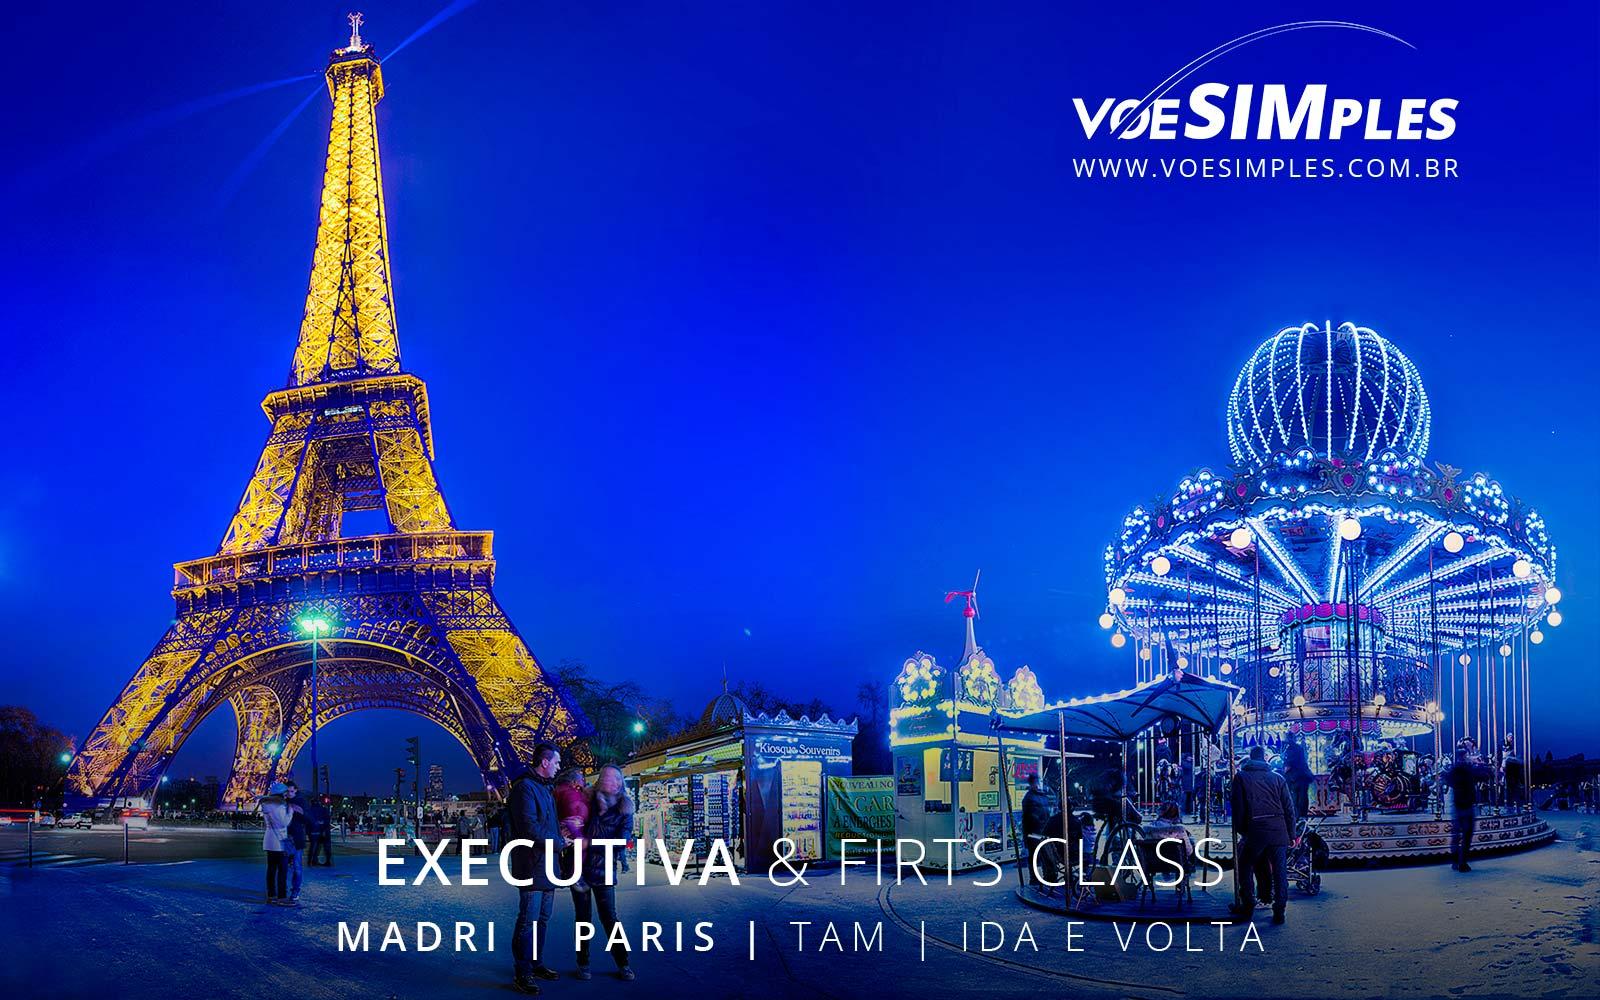 Passagem aérea classe executiva TAM para Paris e Madri